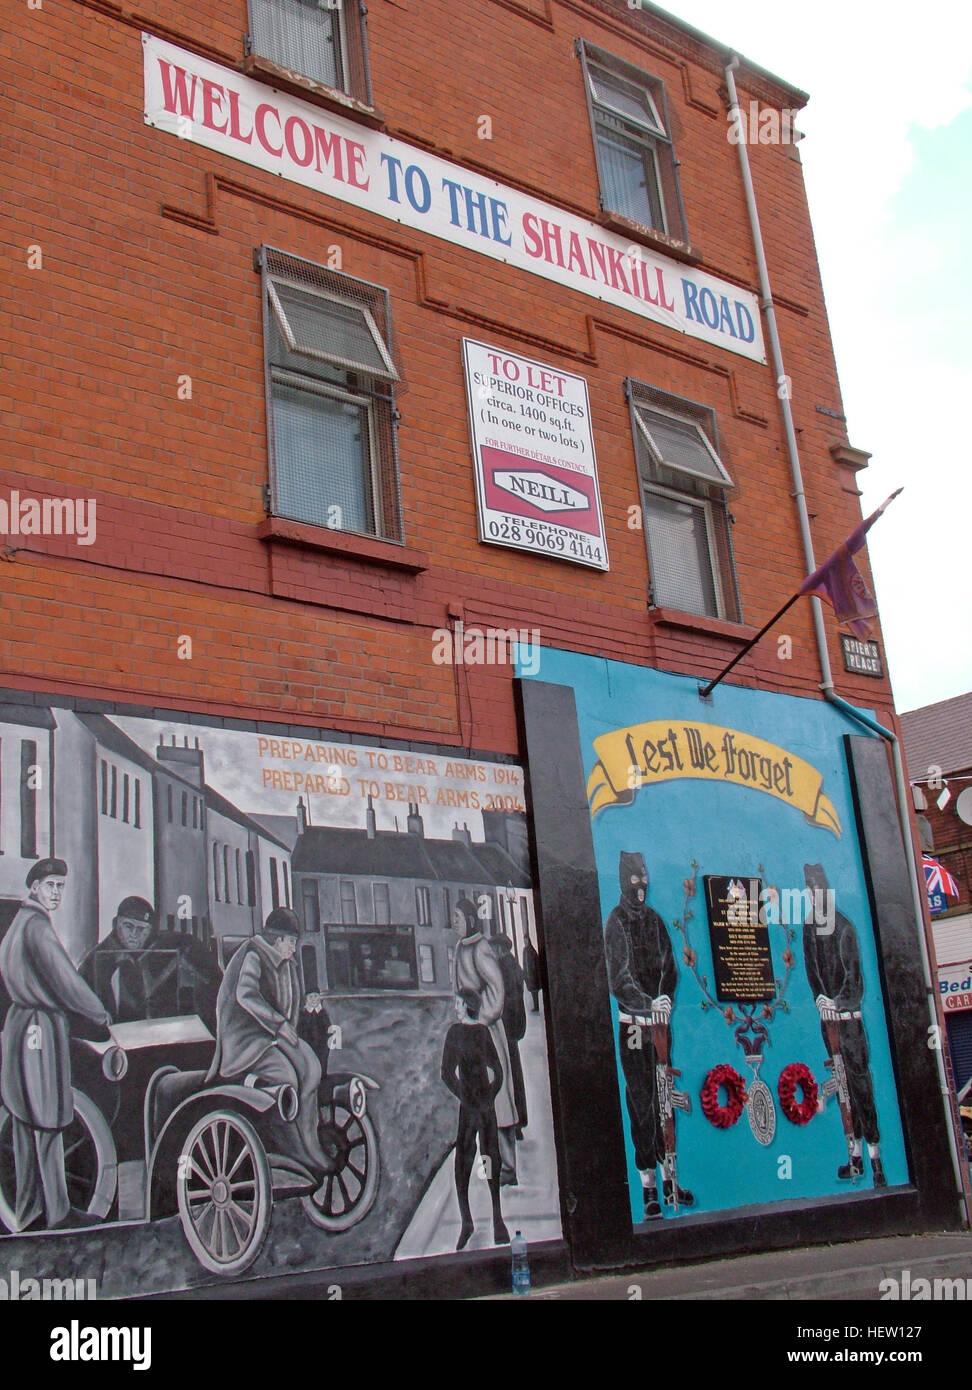 Laden Sie dieses Alamy Stockfoto Shankill Road Wandbild - nicht zu vergessen, West Belfast, Nordirland, Vereinigtes Königreich - HEW127